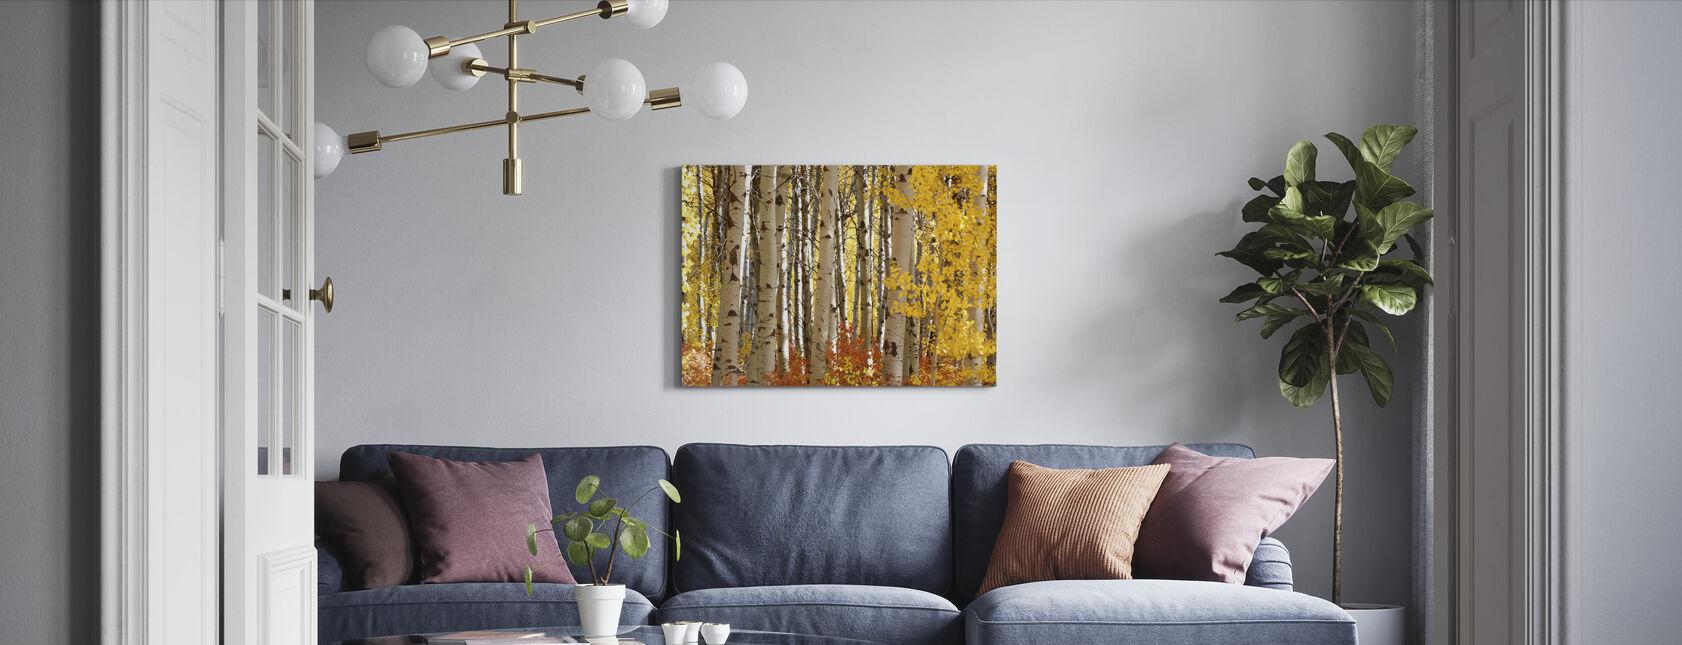 Cascade Loop - Canvas print - Living Room